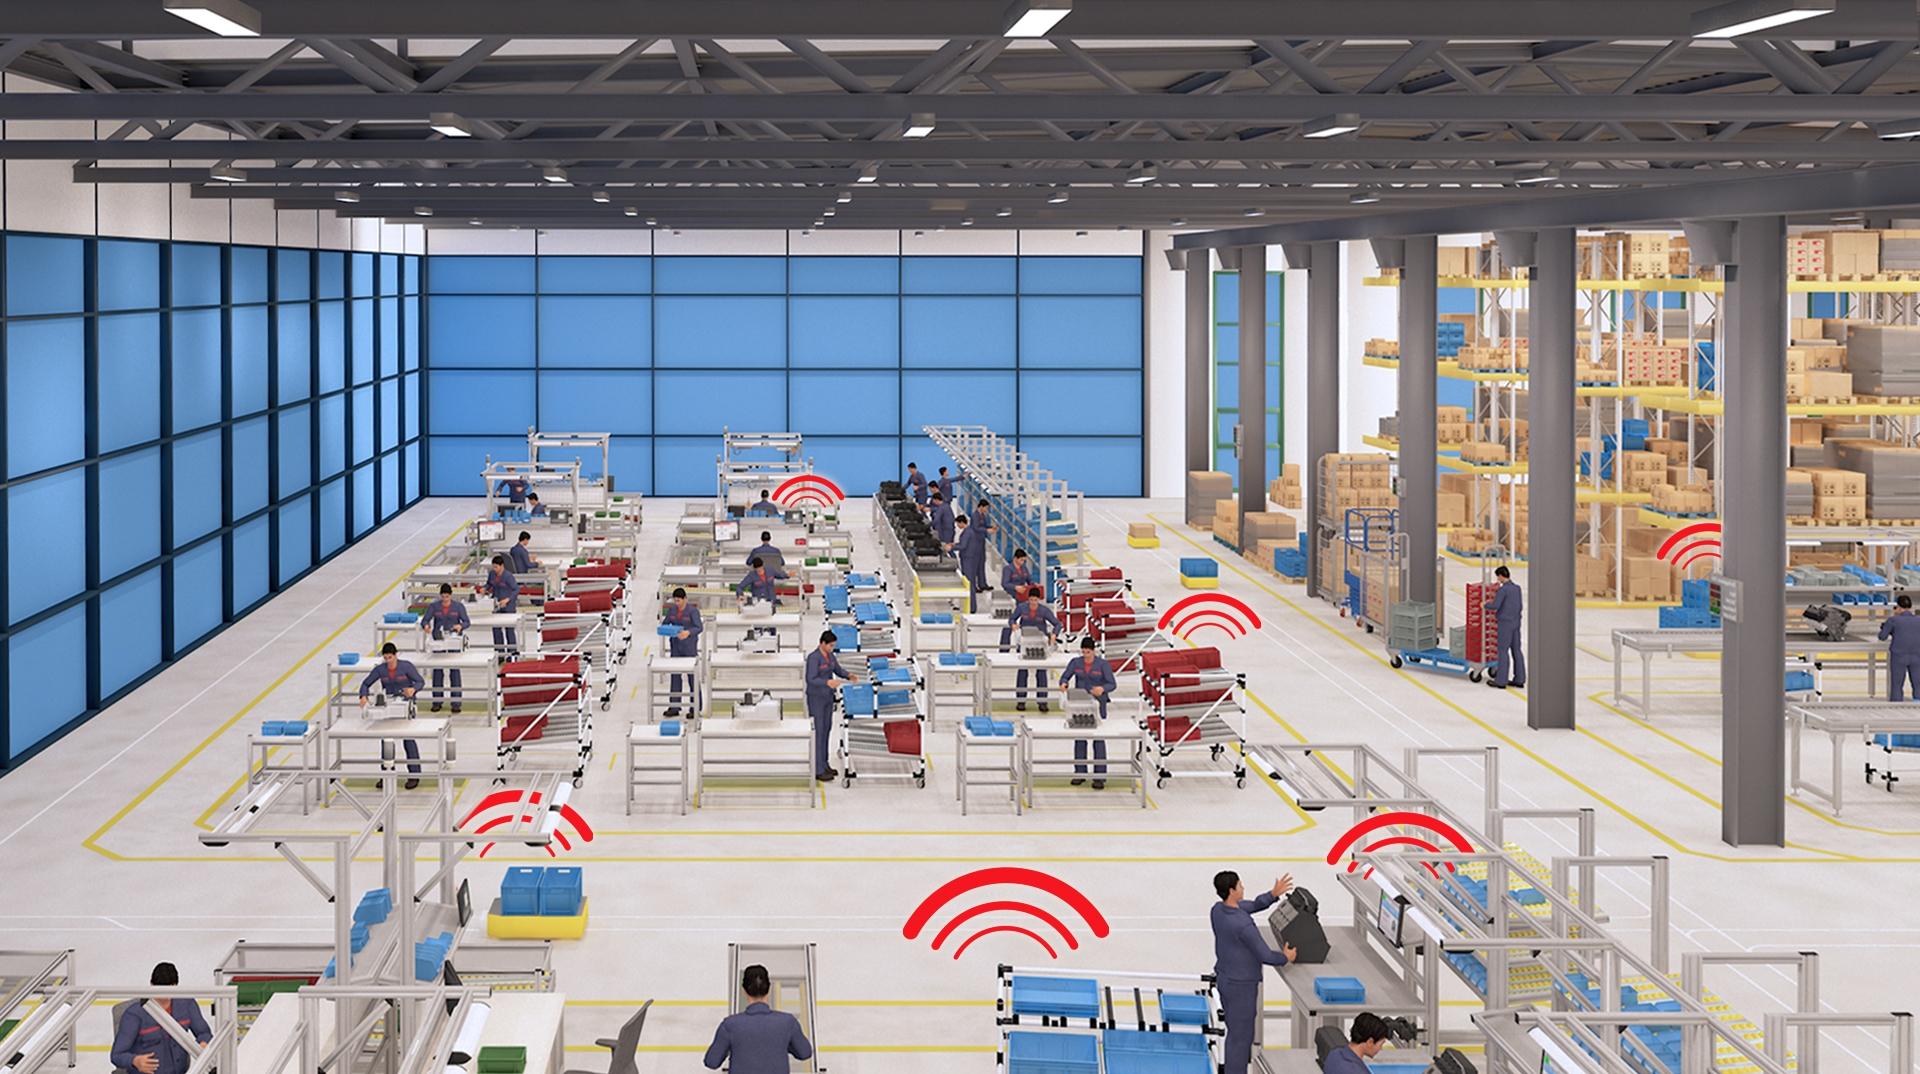 Über ein einziges Funknetzwerk können verschiedene Applikationen Signale austauschen. (Bild: Steute Technologies GmbH & Co. KG, Löhne)